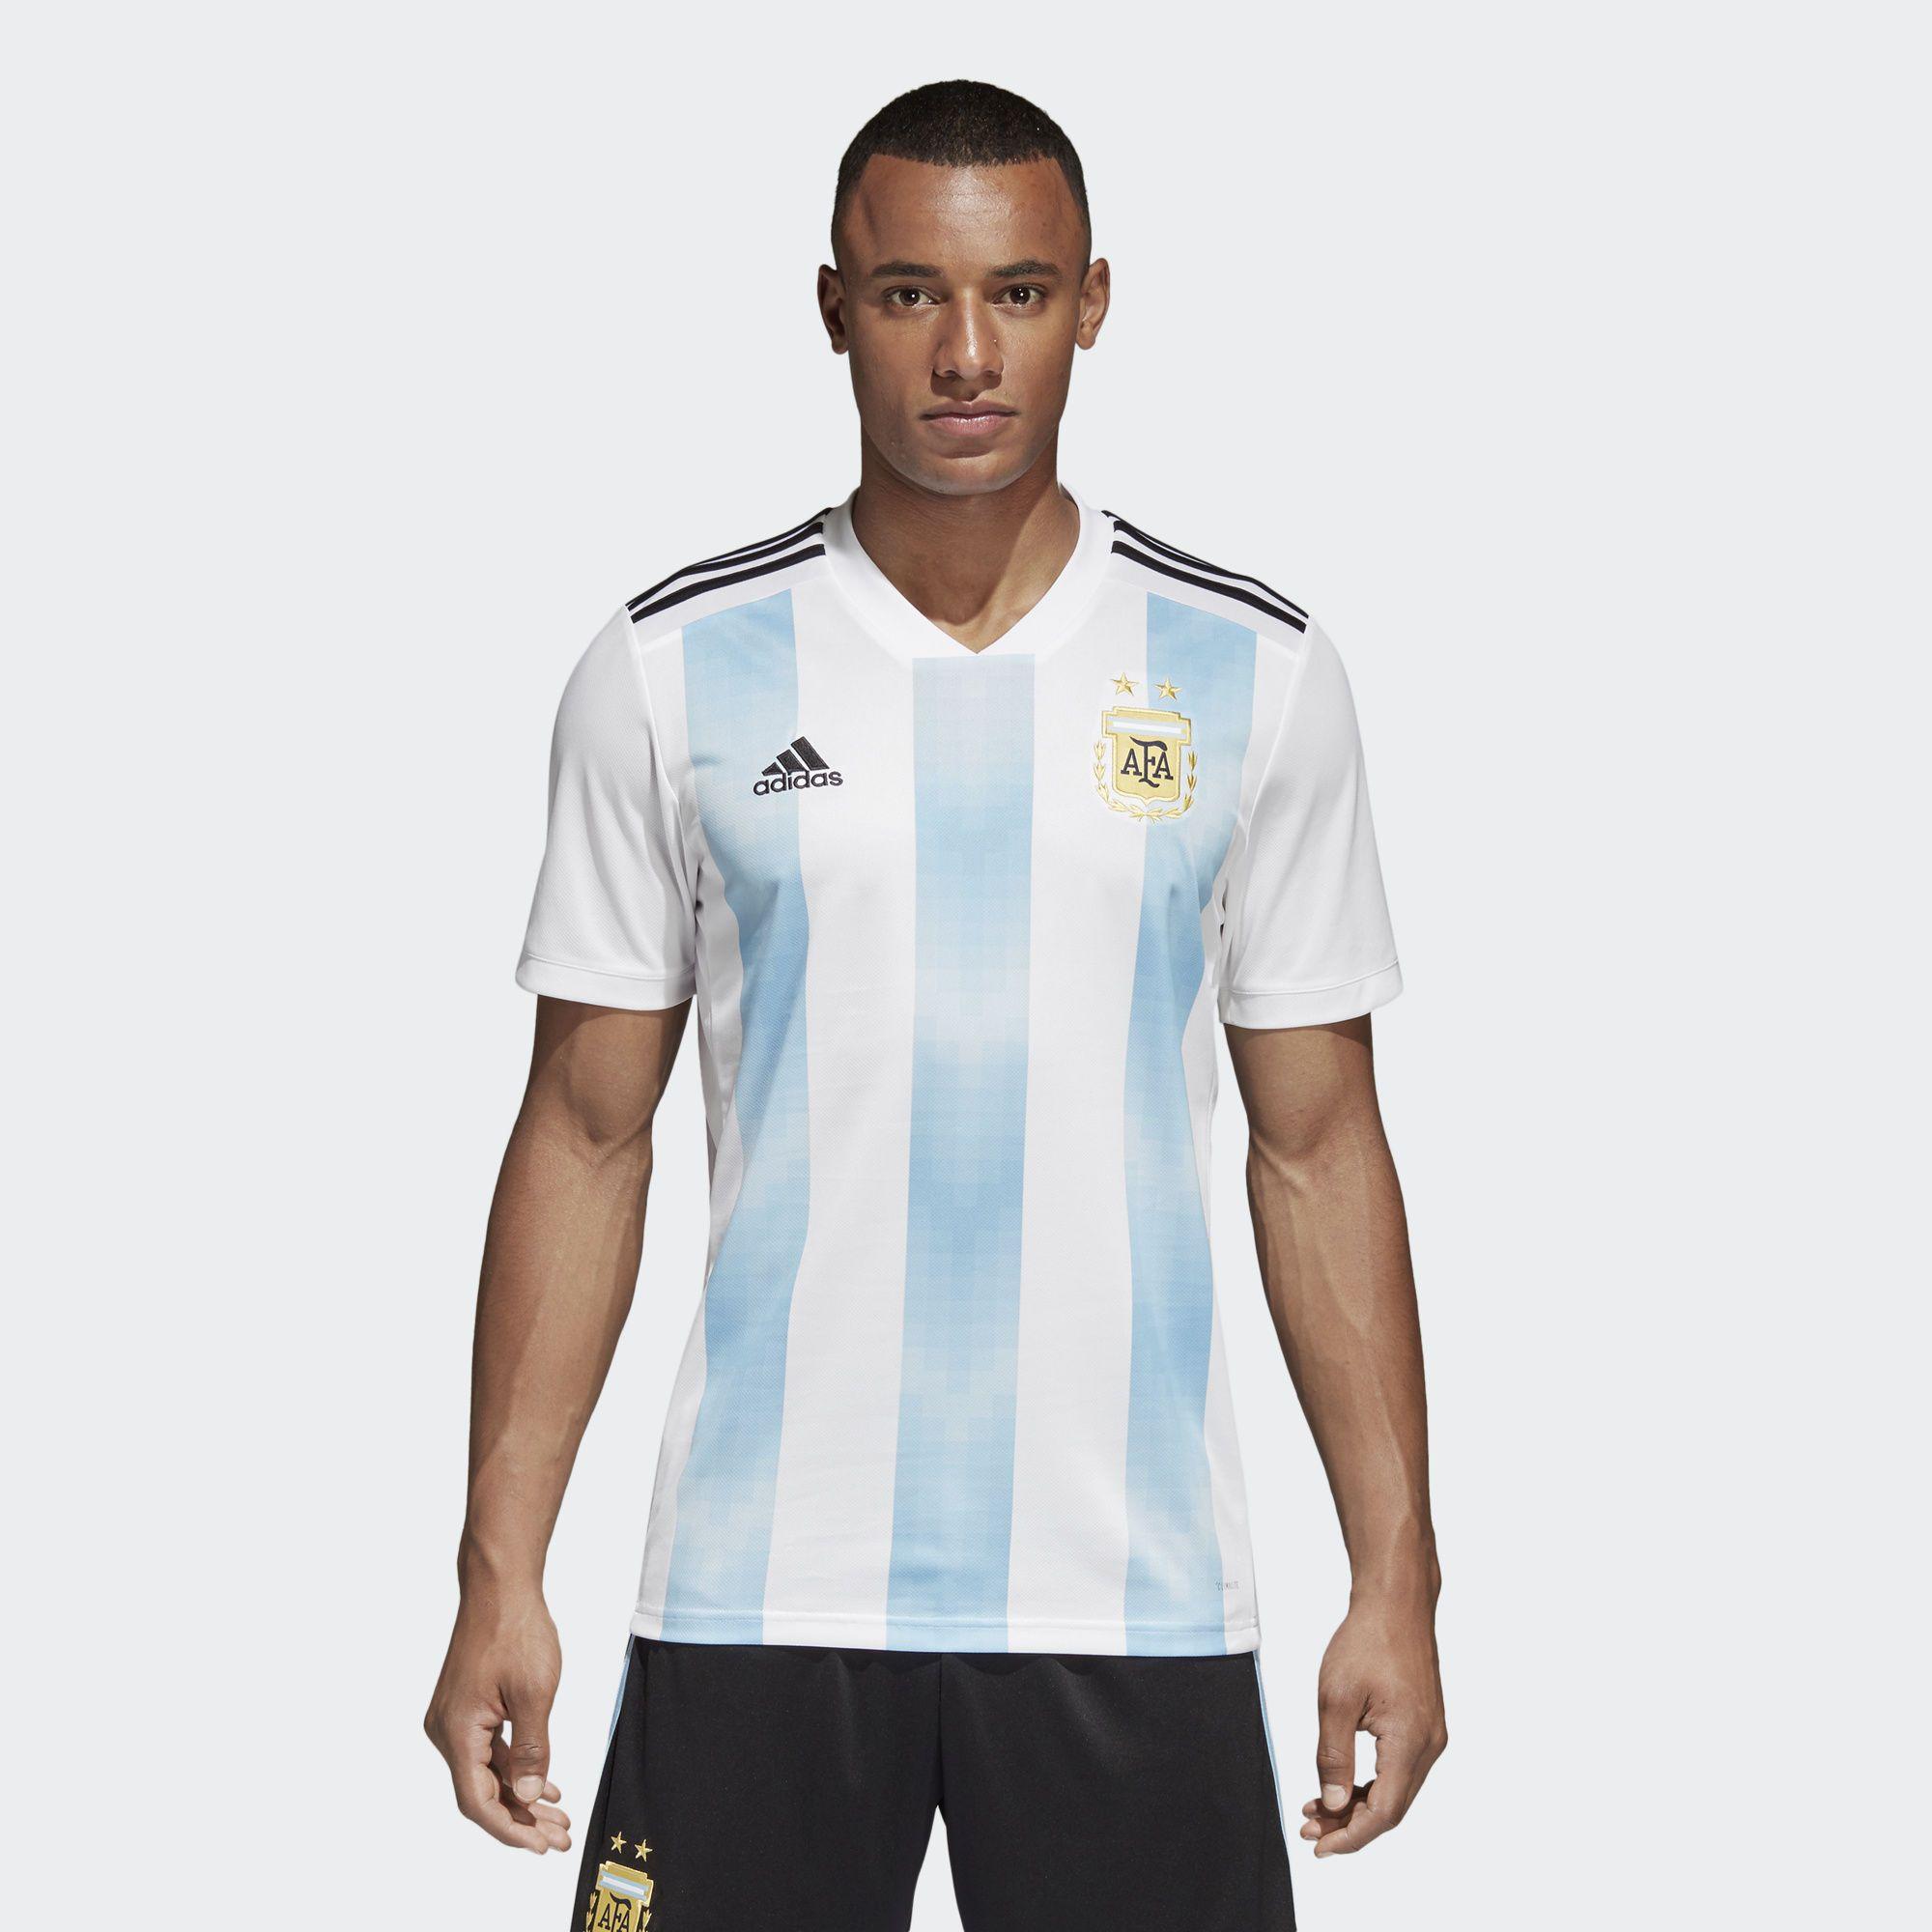 451f8a6b11a65 Camiseta Oficial Selección de Argentina Local 2018 - Blanco en adidas.pe!  Descubre todos los estilos y colores disponibles en la tienda adidas online  en ...